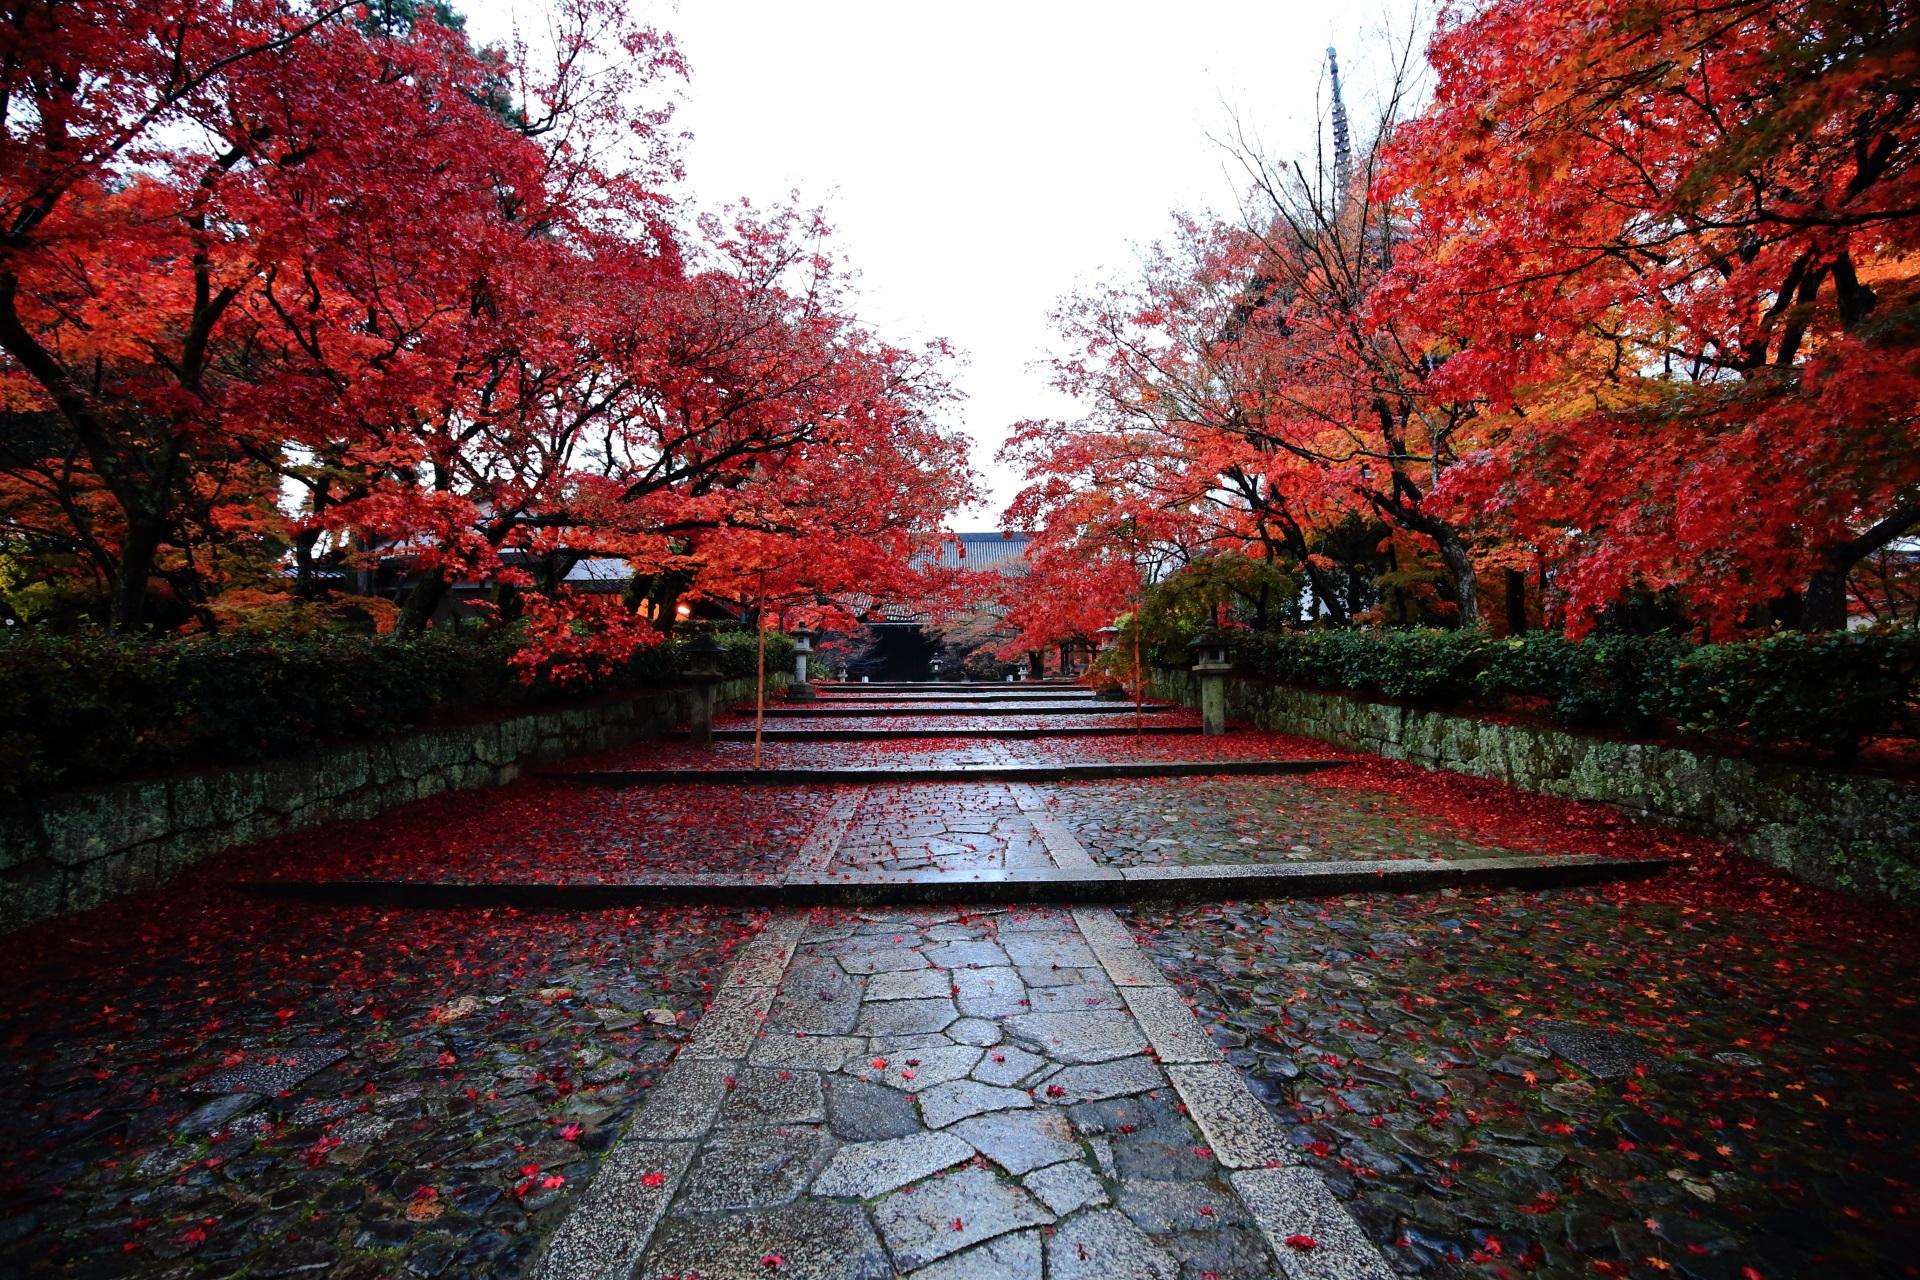 真如堂の本堂へ続く緩い石段の参道と紅葉